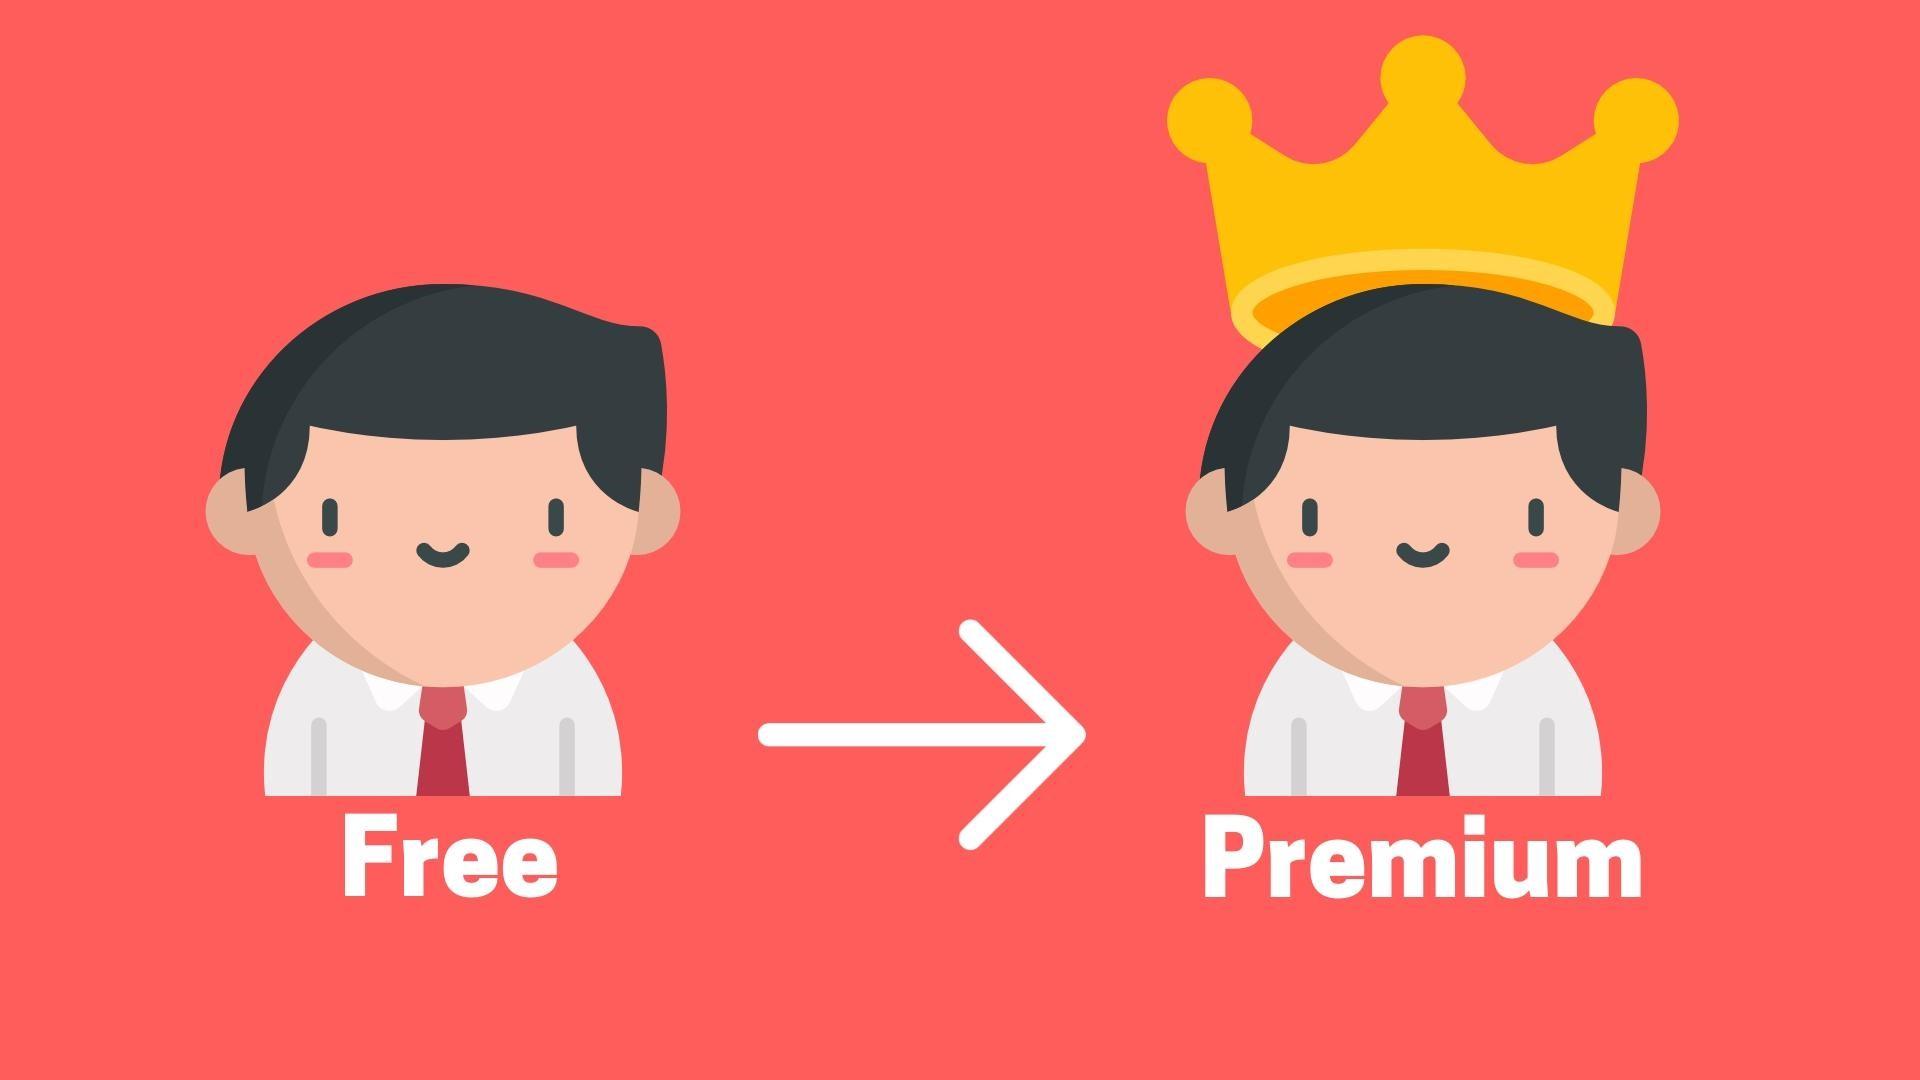 Fb Premium Users